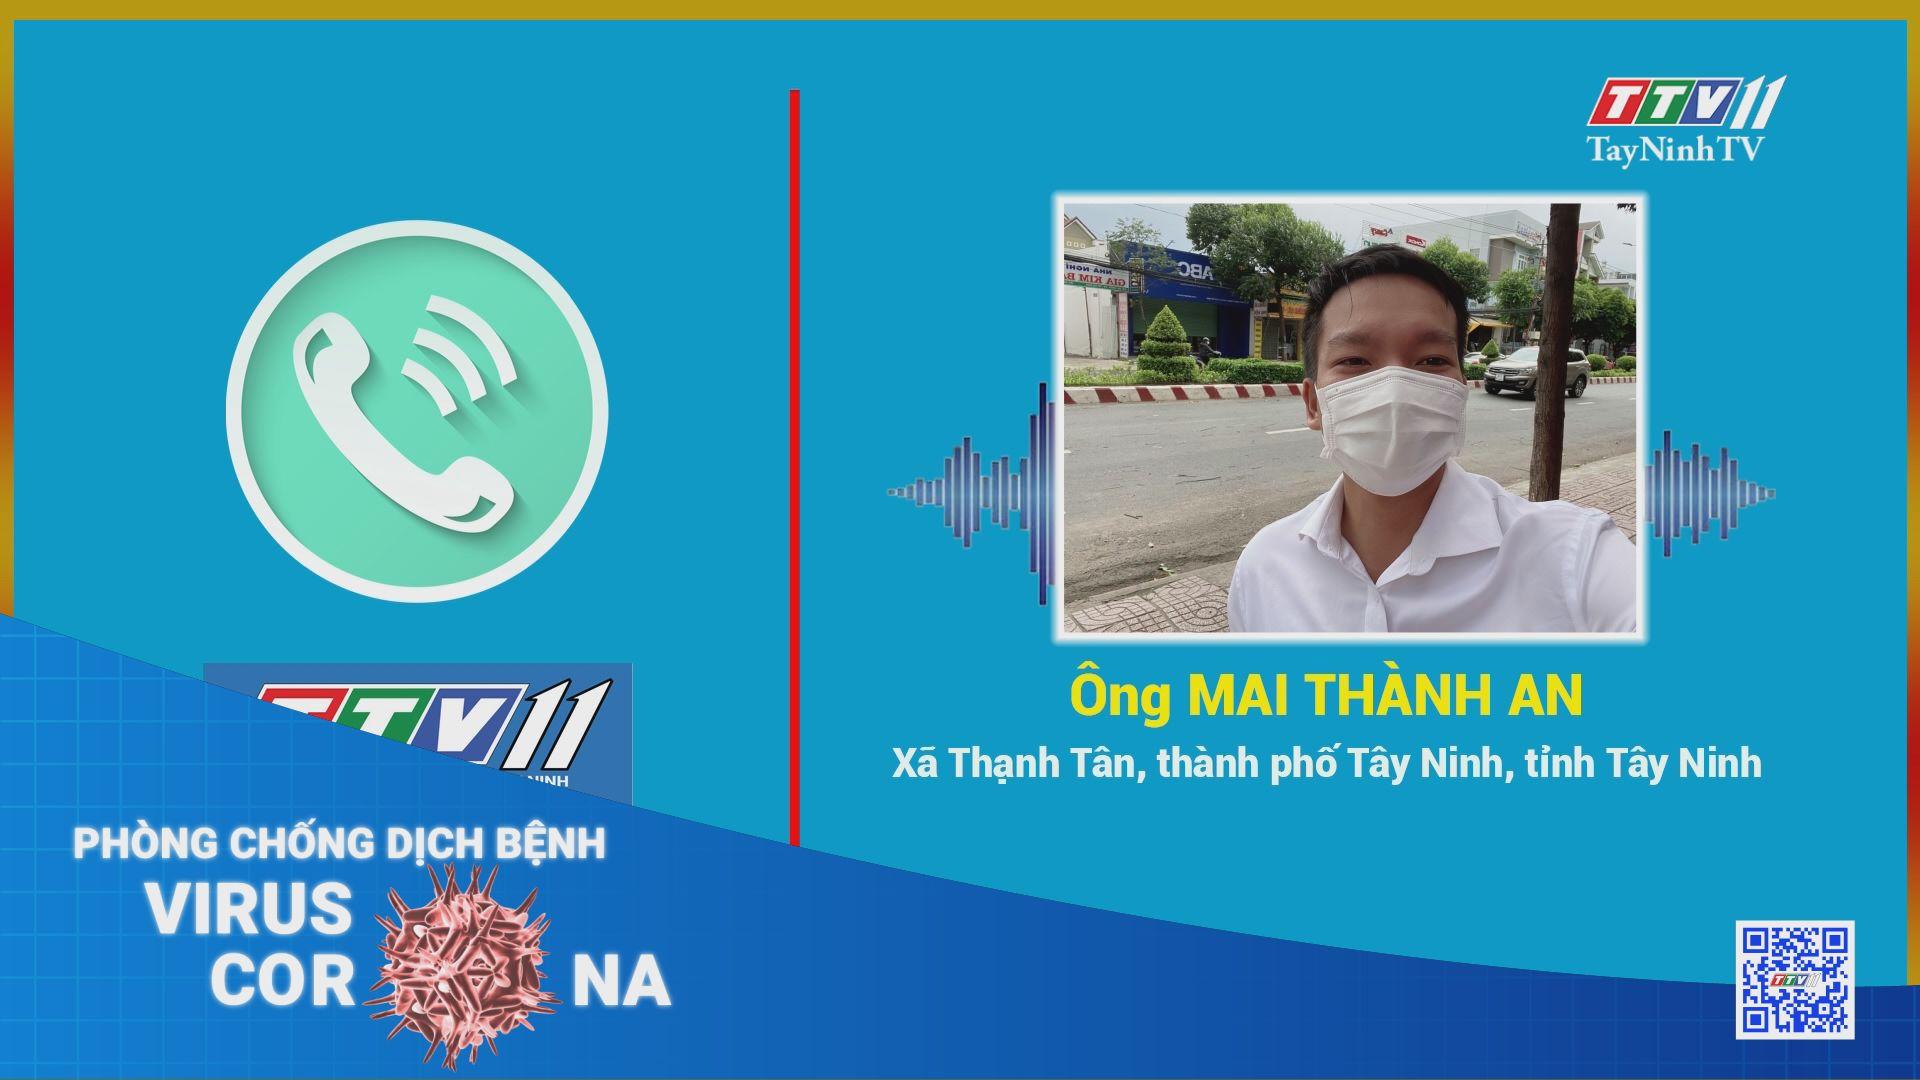 Chấn chỉnh các hành vi đăng tải thông tin về dịch Covid-19 trên mạng xã hội   THÔNG TIN DỊCH COVID-19   TayNinhTV